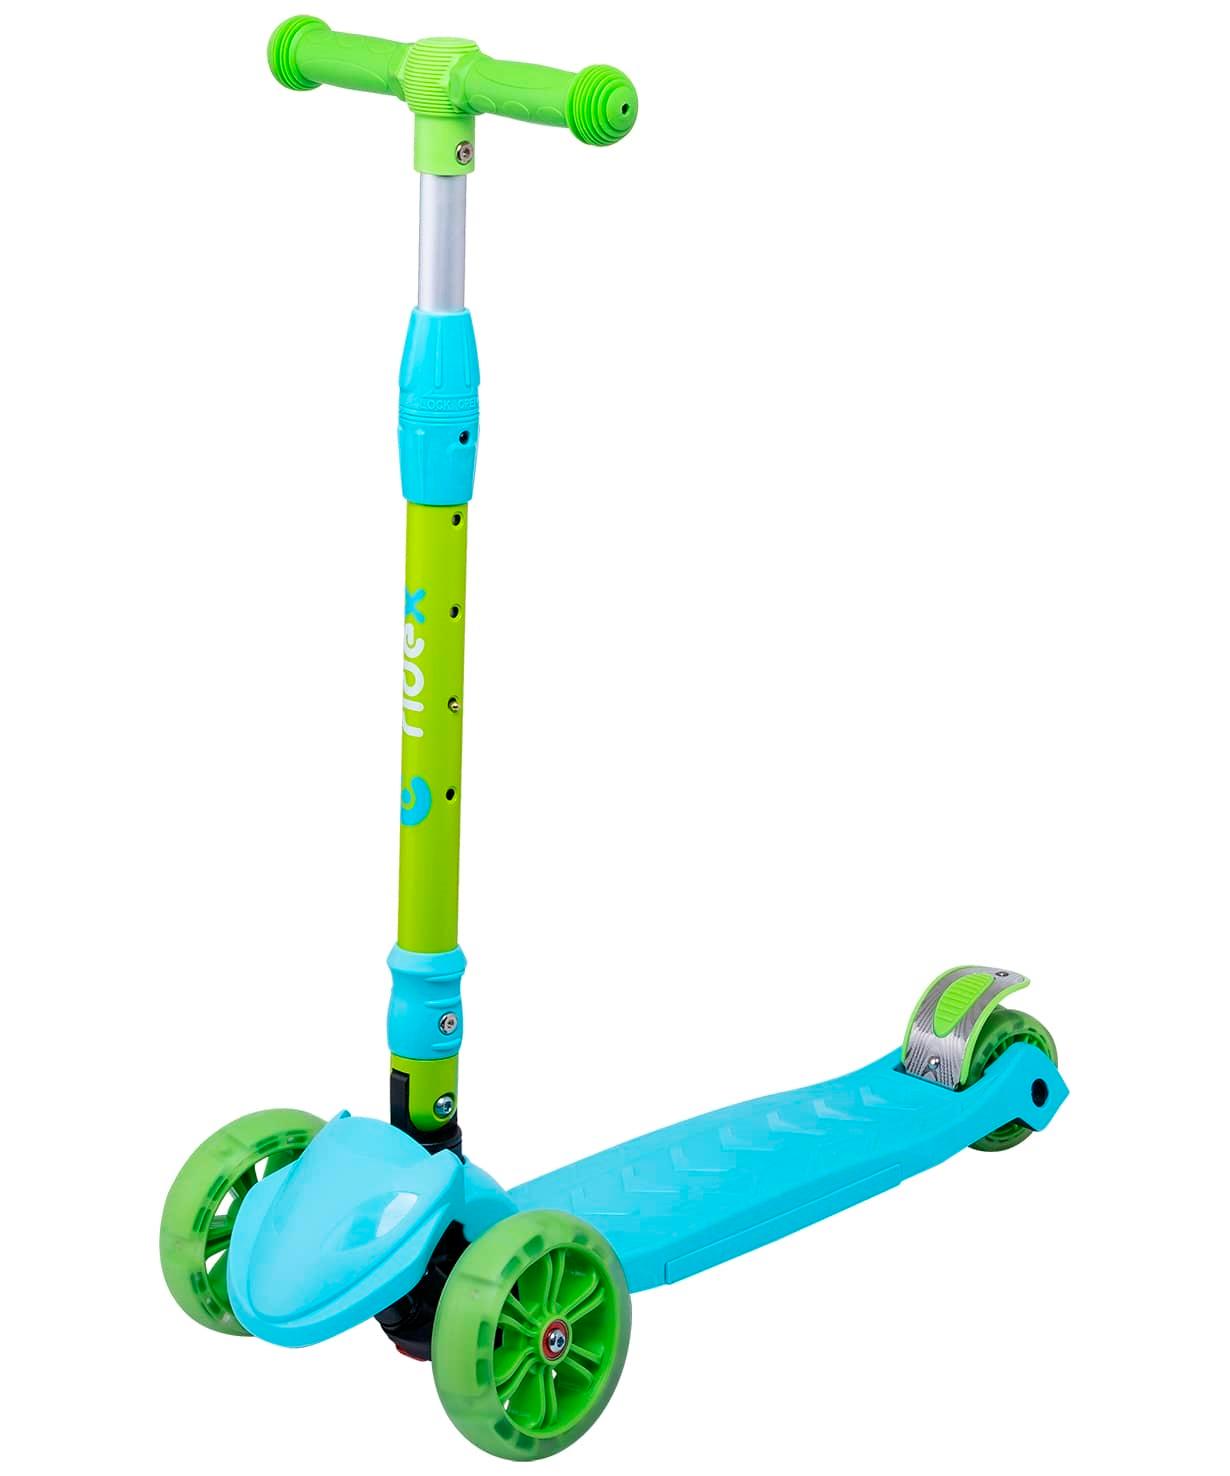 Самокат 3-колесный Bunny, 135/90 мм, голубой/зеленый